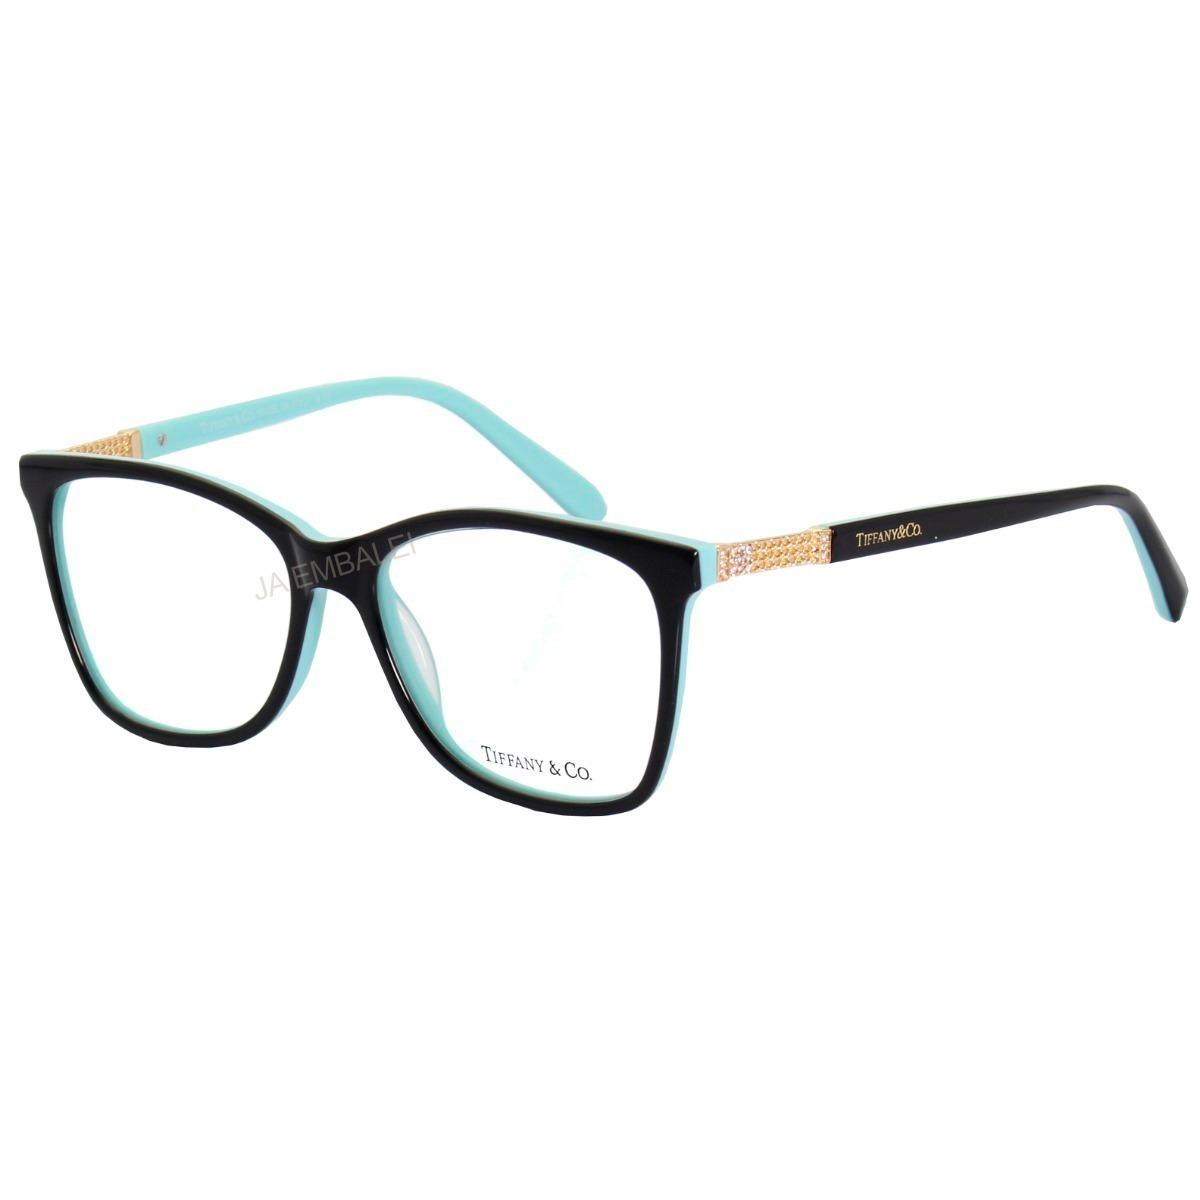 f29329d7a6a57 Armação De Grau - Tiffany   Co. - Tf2116 B Oculos Acetato - R  120 ...